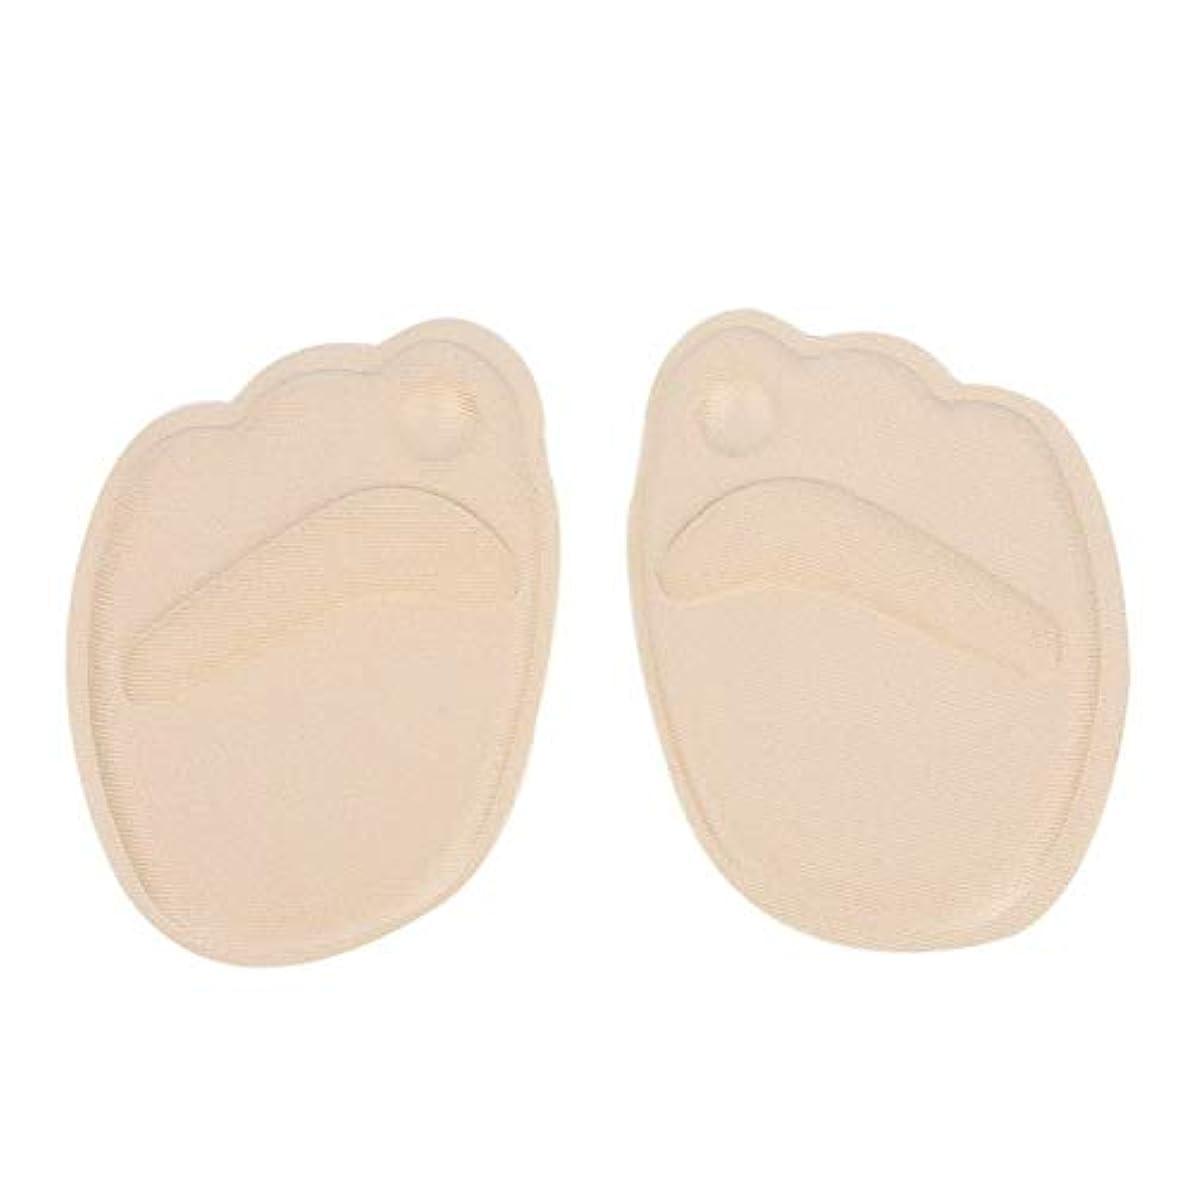 折り目独占どちらも女性のための3足の便利なフットクッション前足滑り止めインソール通気性ゲルパッド Shangxiangtrade (Color : Apricot)